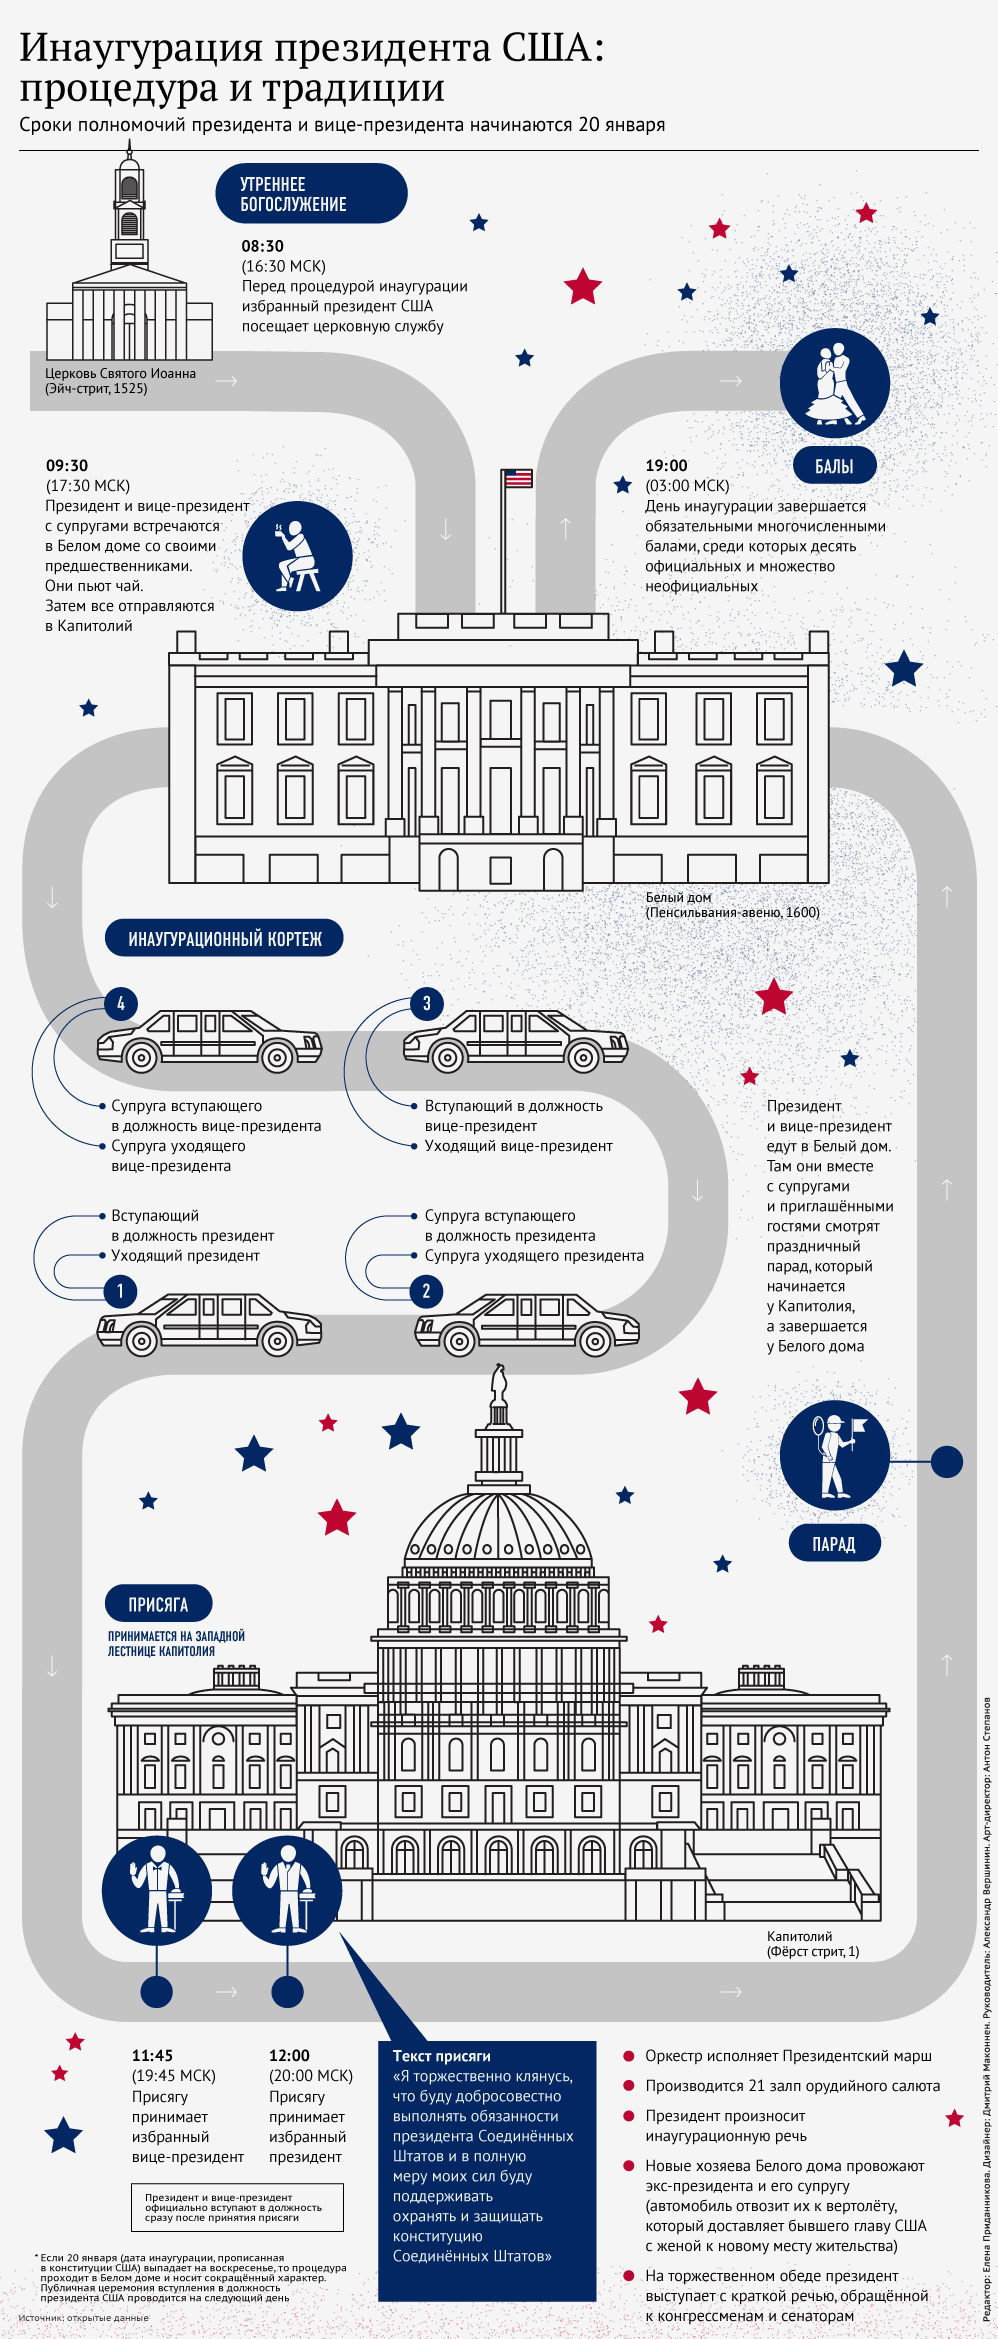 Процедура инаугурации президента США